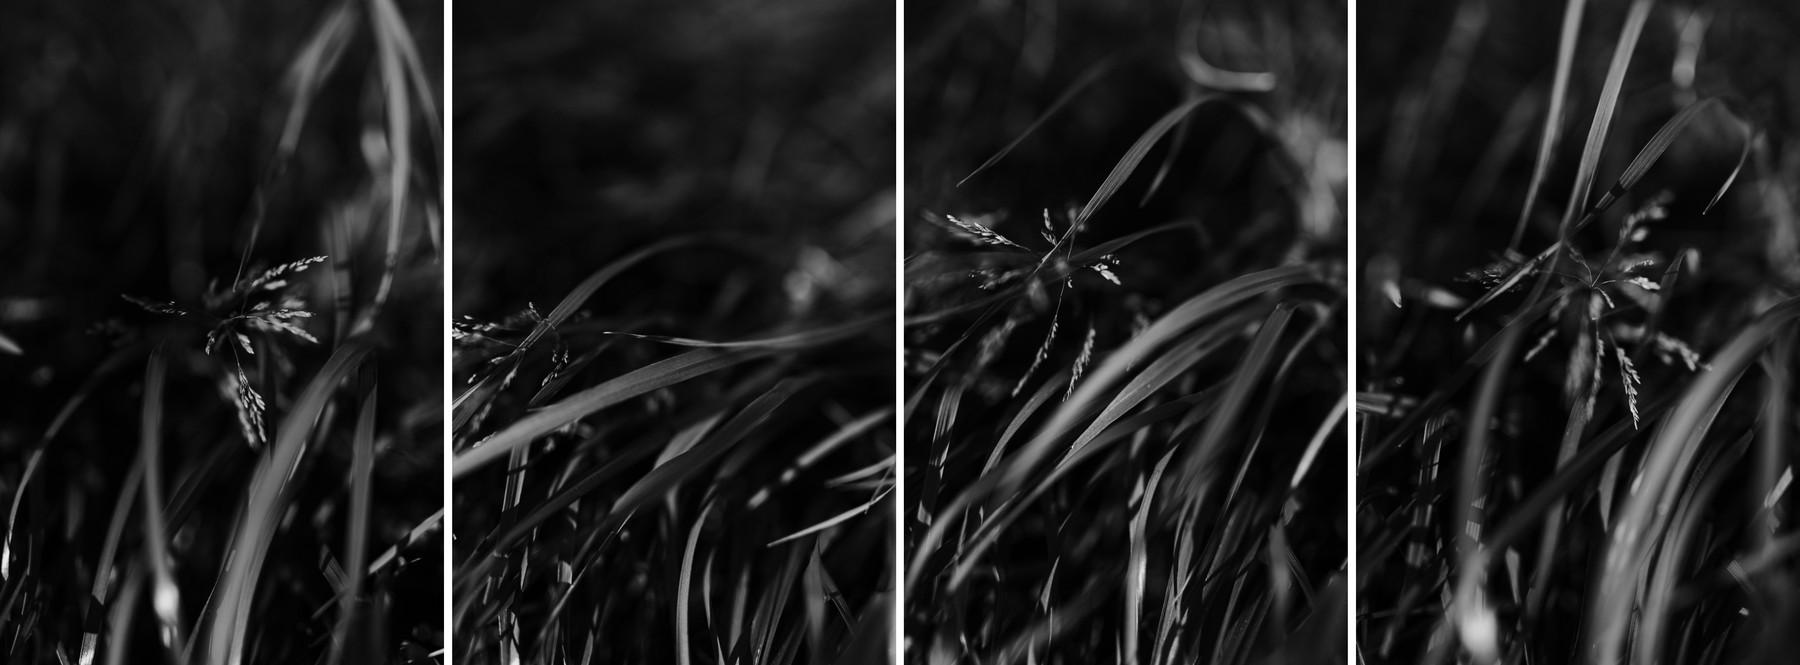 Vent Herbes Pré Noir et blanc Photographie Confinement Défi